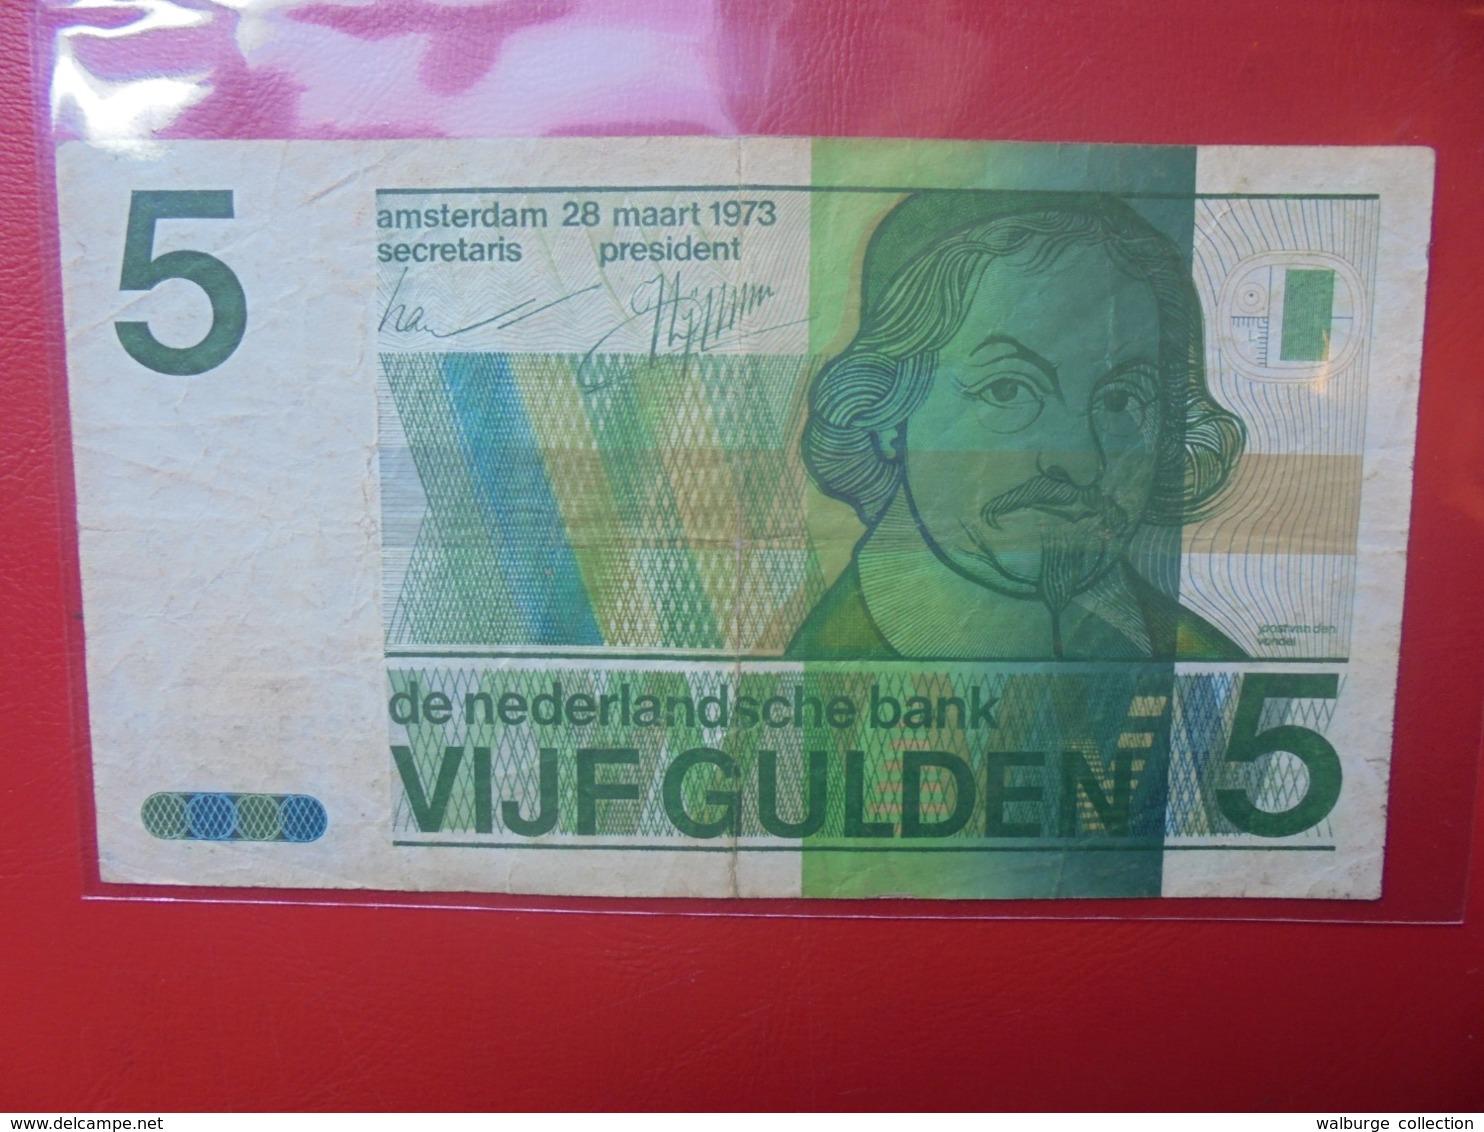 PAYS-BAS 5 GULDEN 1973 CIRCULER - 5 Florín Holandés (gulden)